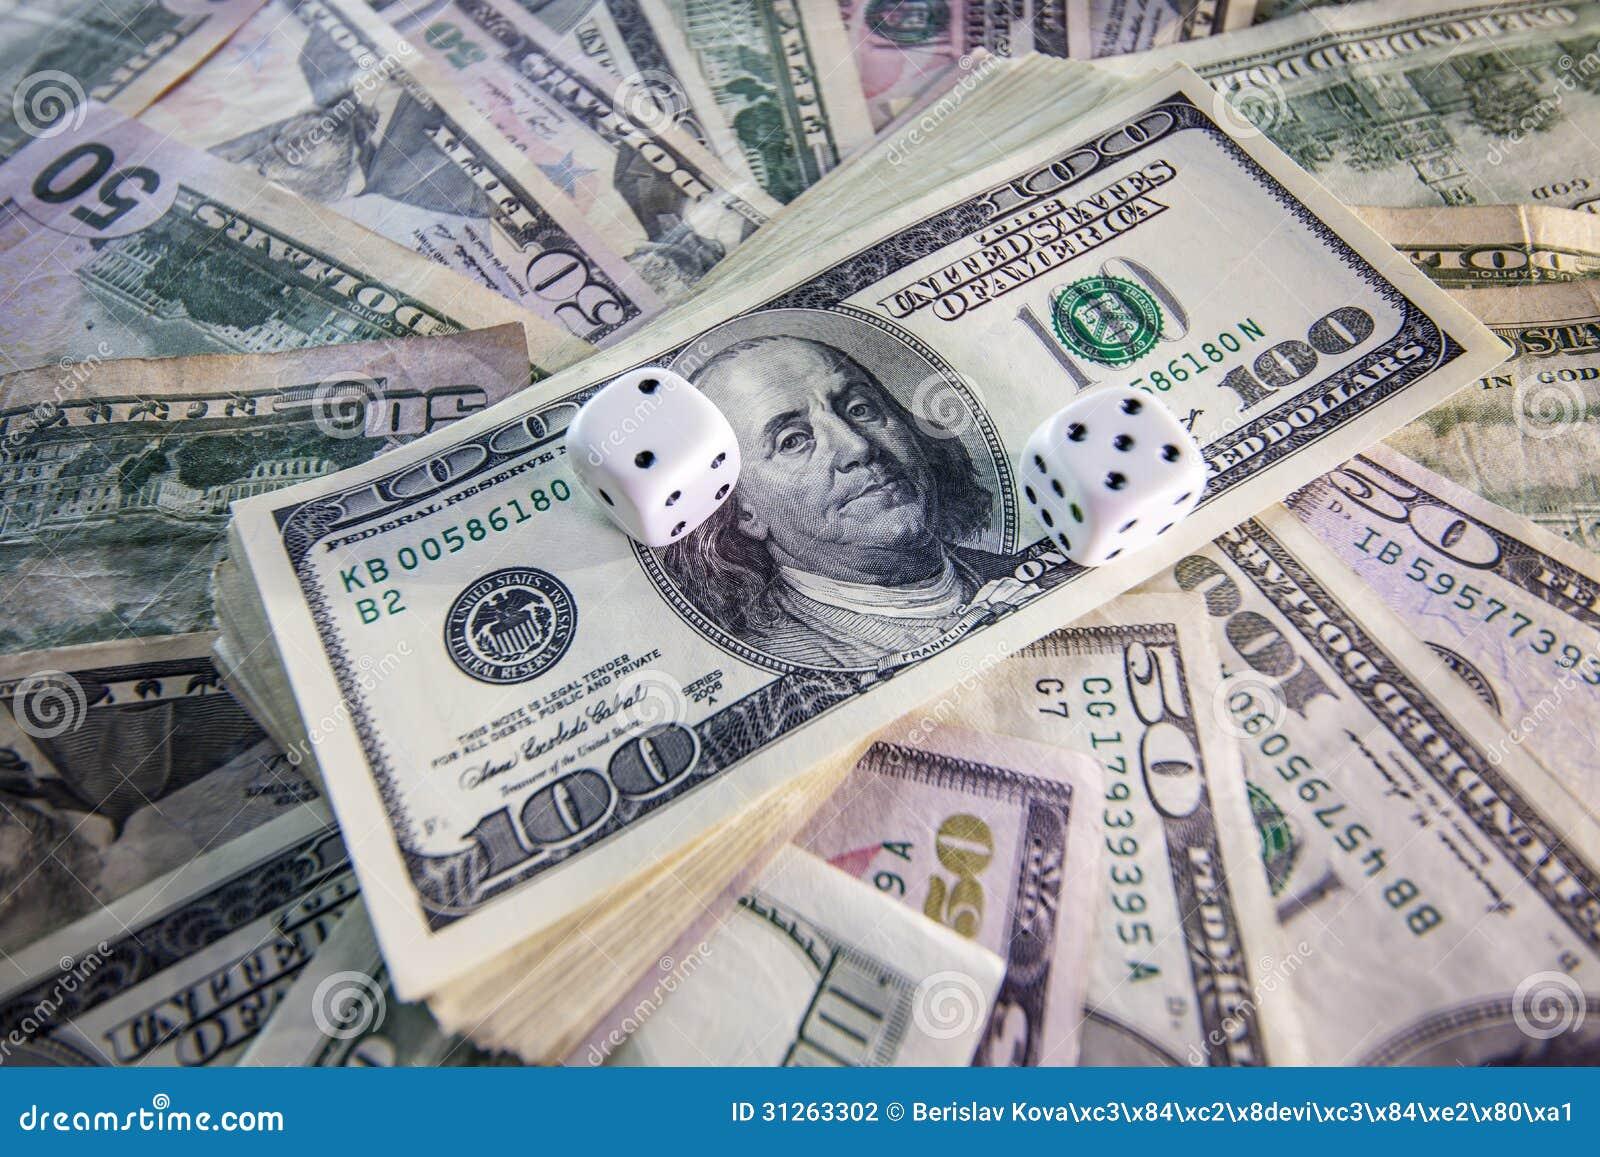 Dinero, dado para jugar foto de archivo. Imagen de finanzas - 31263302